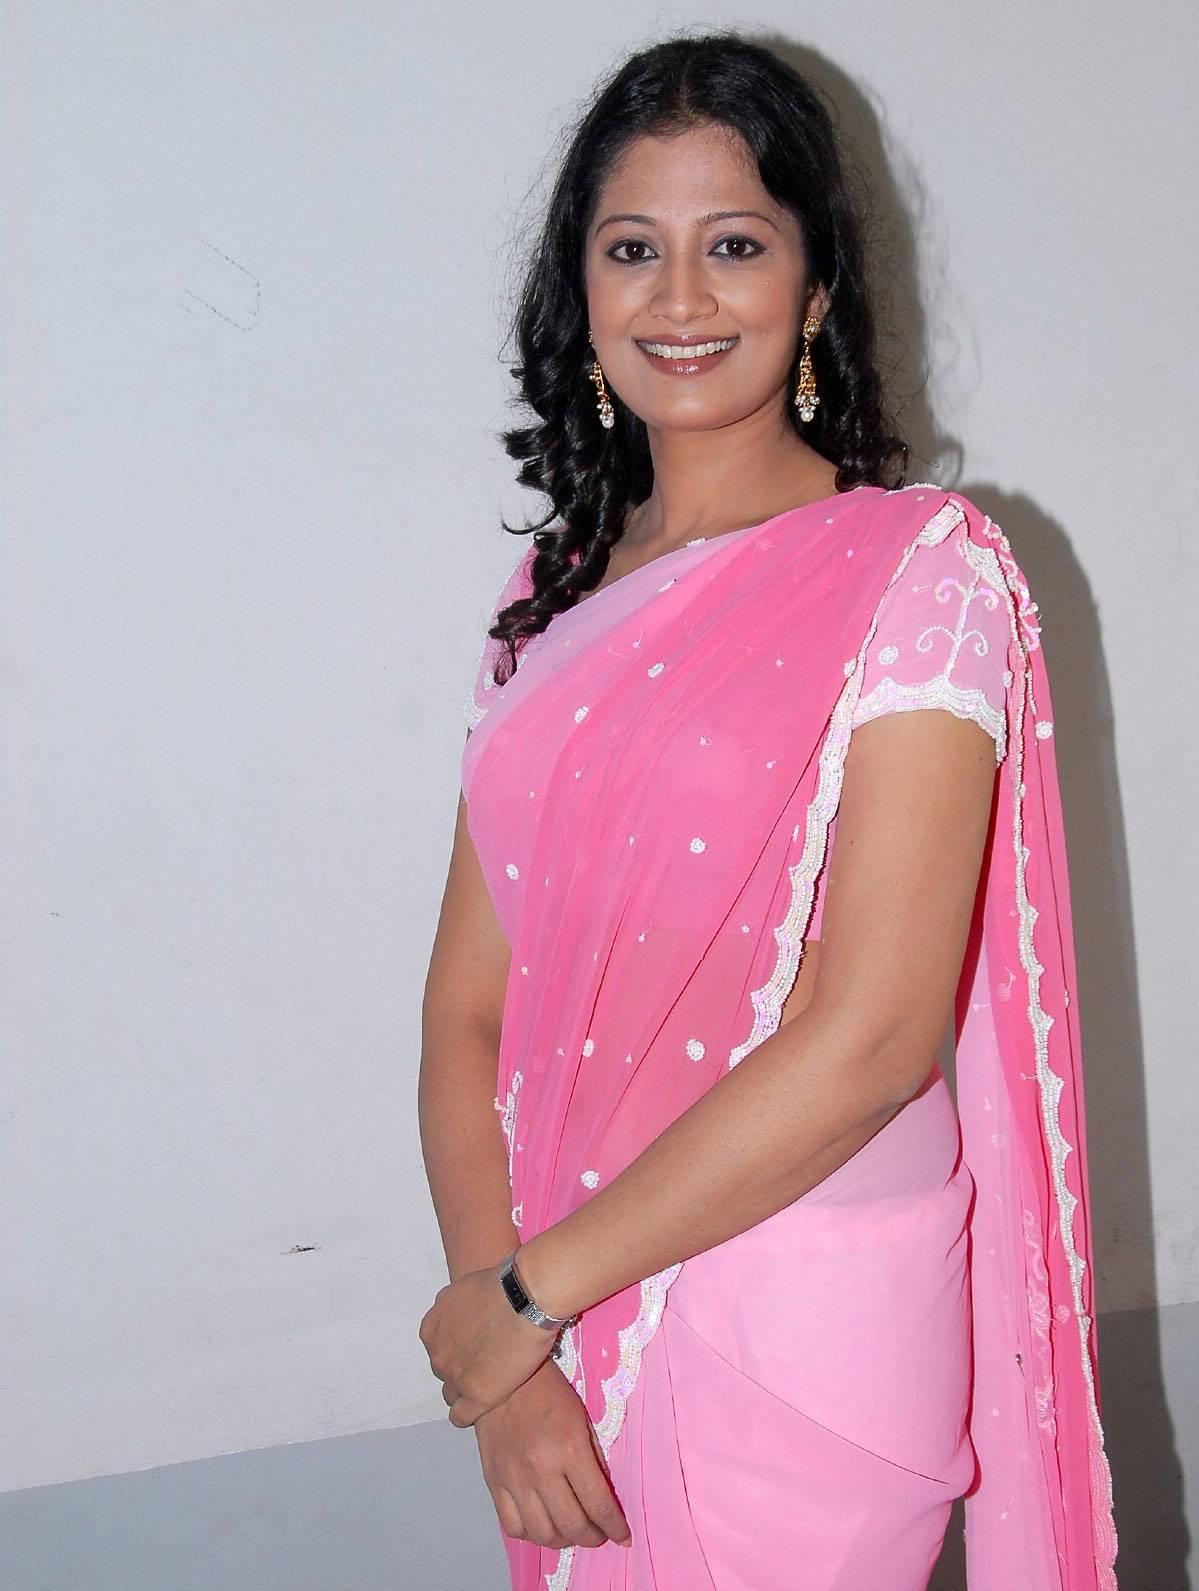 Hot And Spicy Actress Photos Gallery: Actress Aanaka High ...